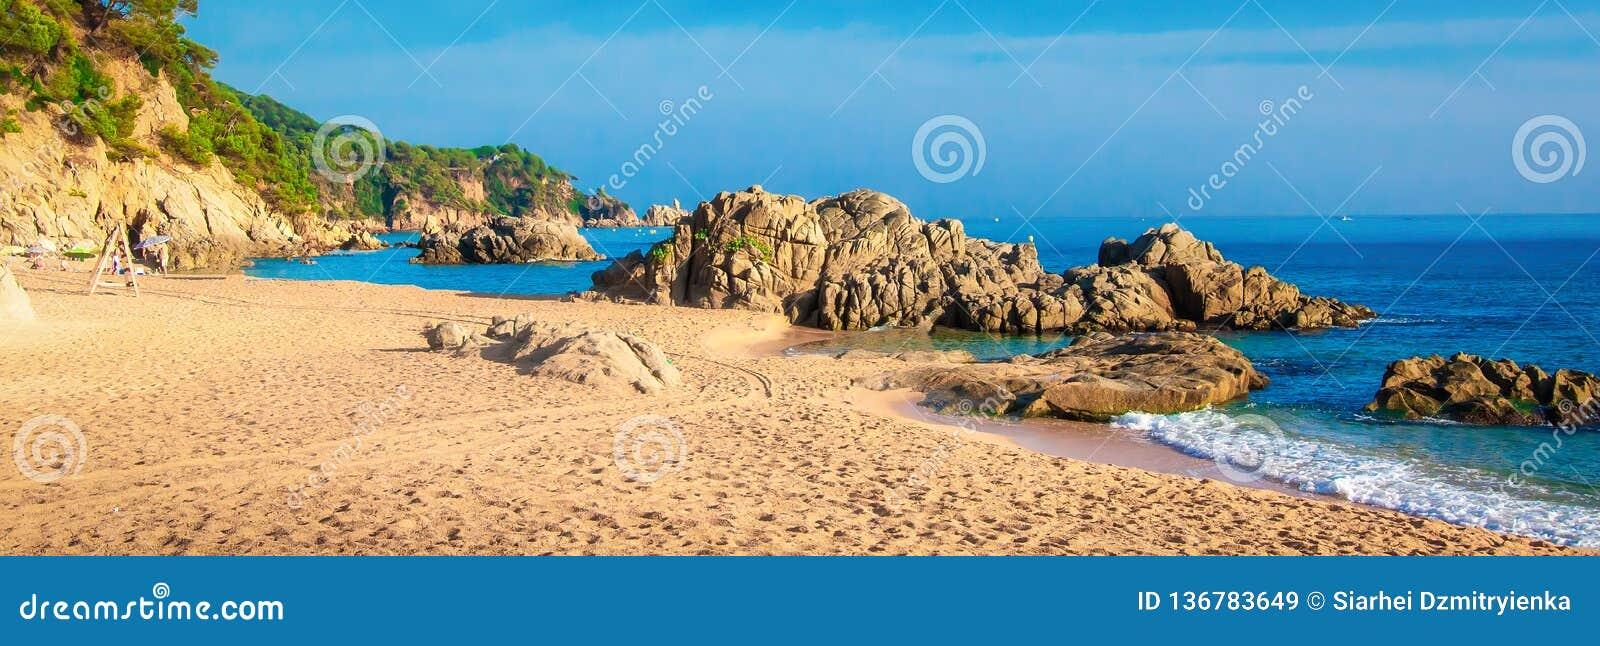 Panorama plaża w Hiszpania, Ibiza